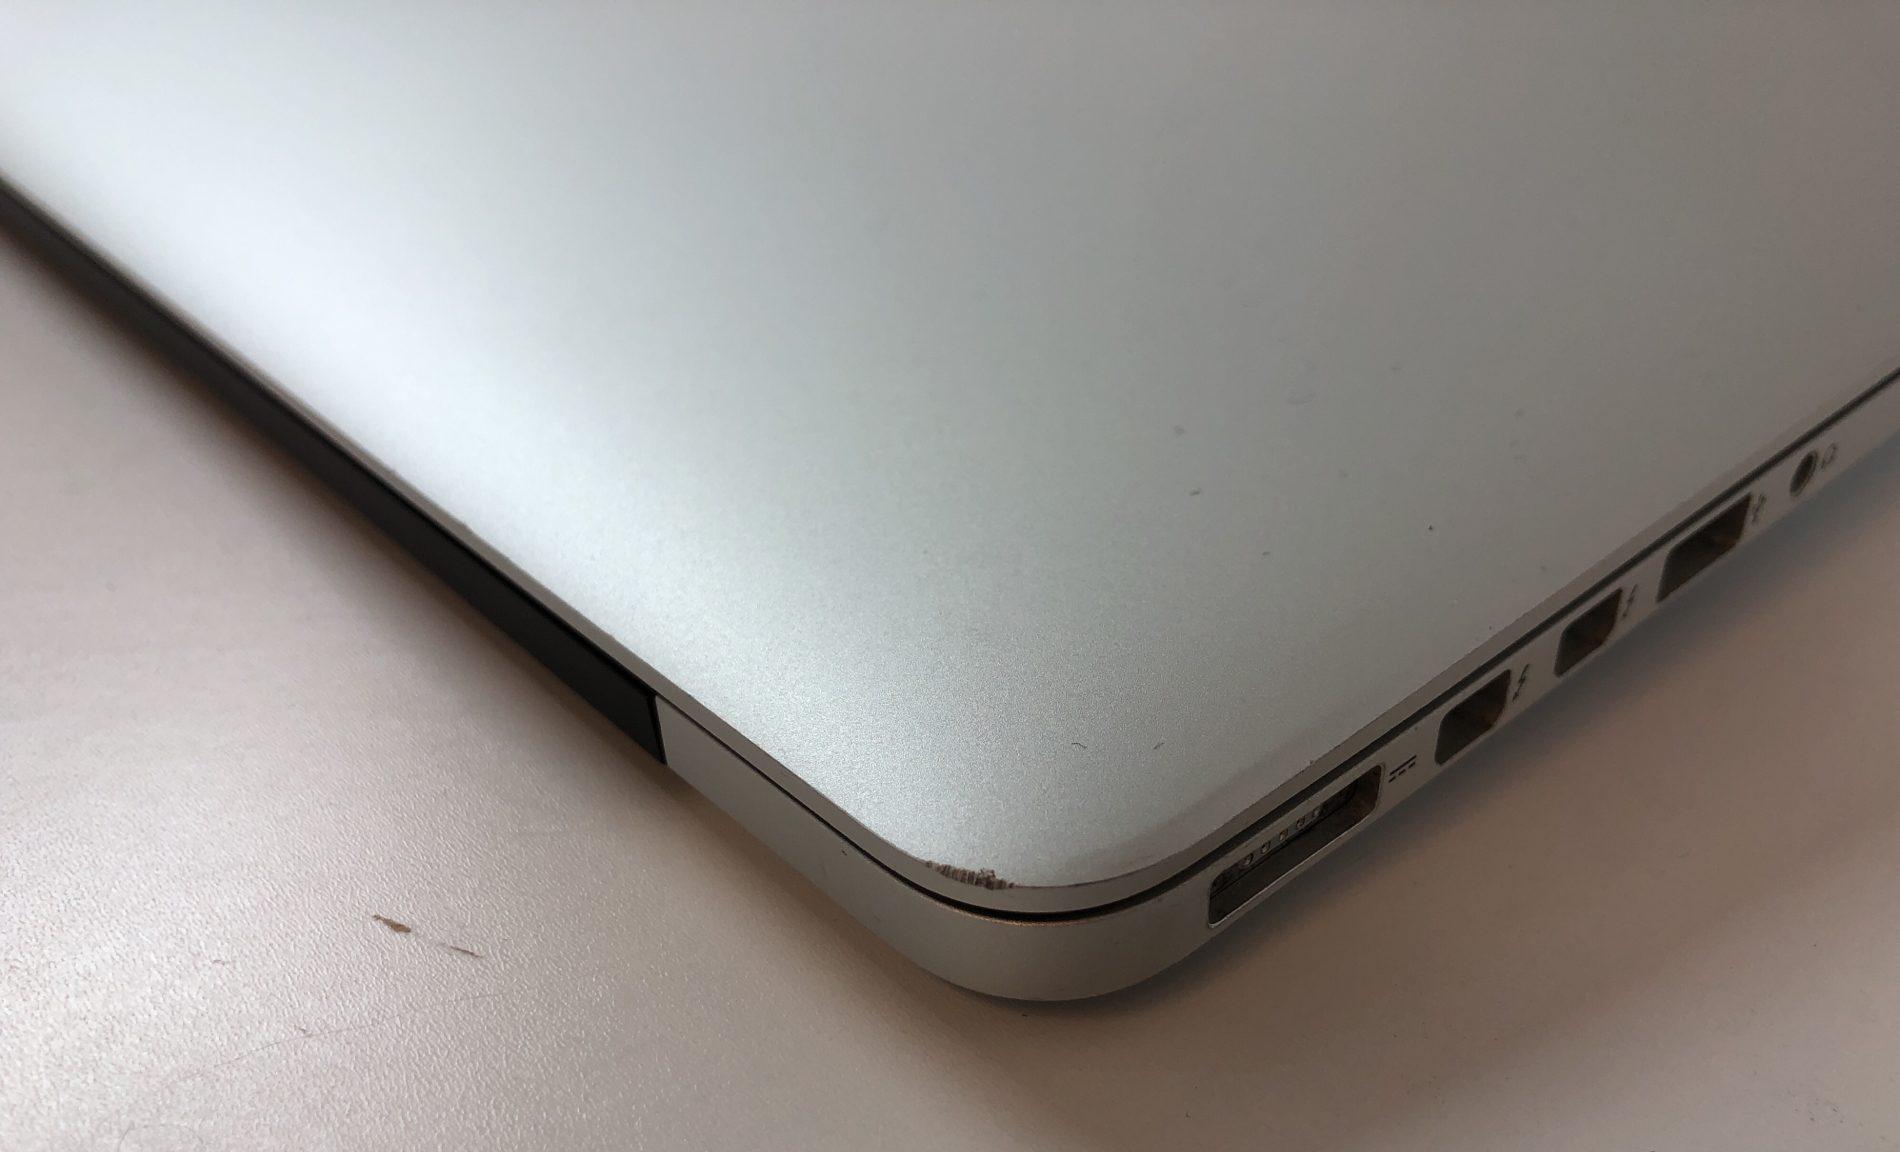 """MacBook Pro Retina 15"""" Mid 2015 (Intel Quad-Core i7 2.2 GHz 16 GB RAM 256 GB SSD), Intel Quad-Core i7 2.2 GHz, 16 GB RAM, 256 GB SSD, imagen 4"""